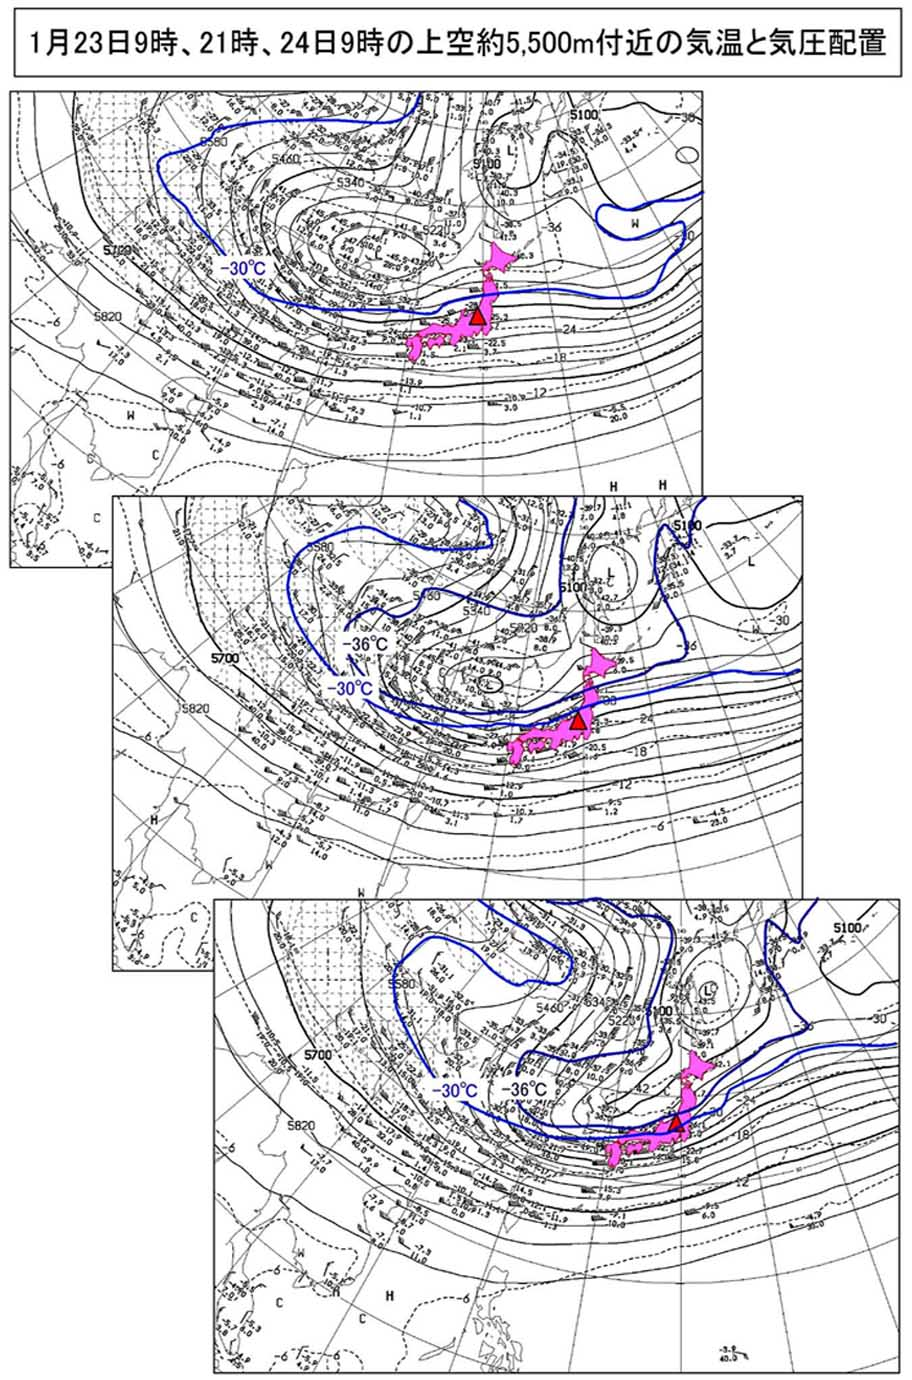 1月23~24日の500hPa高層天気図